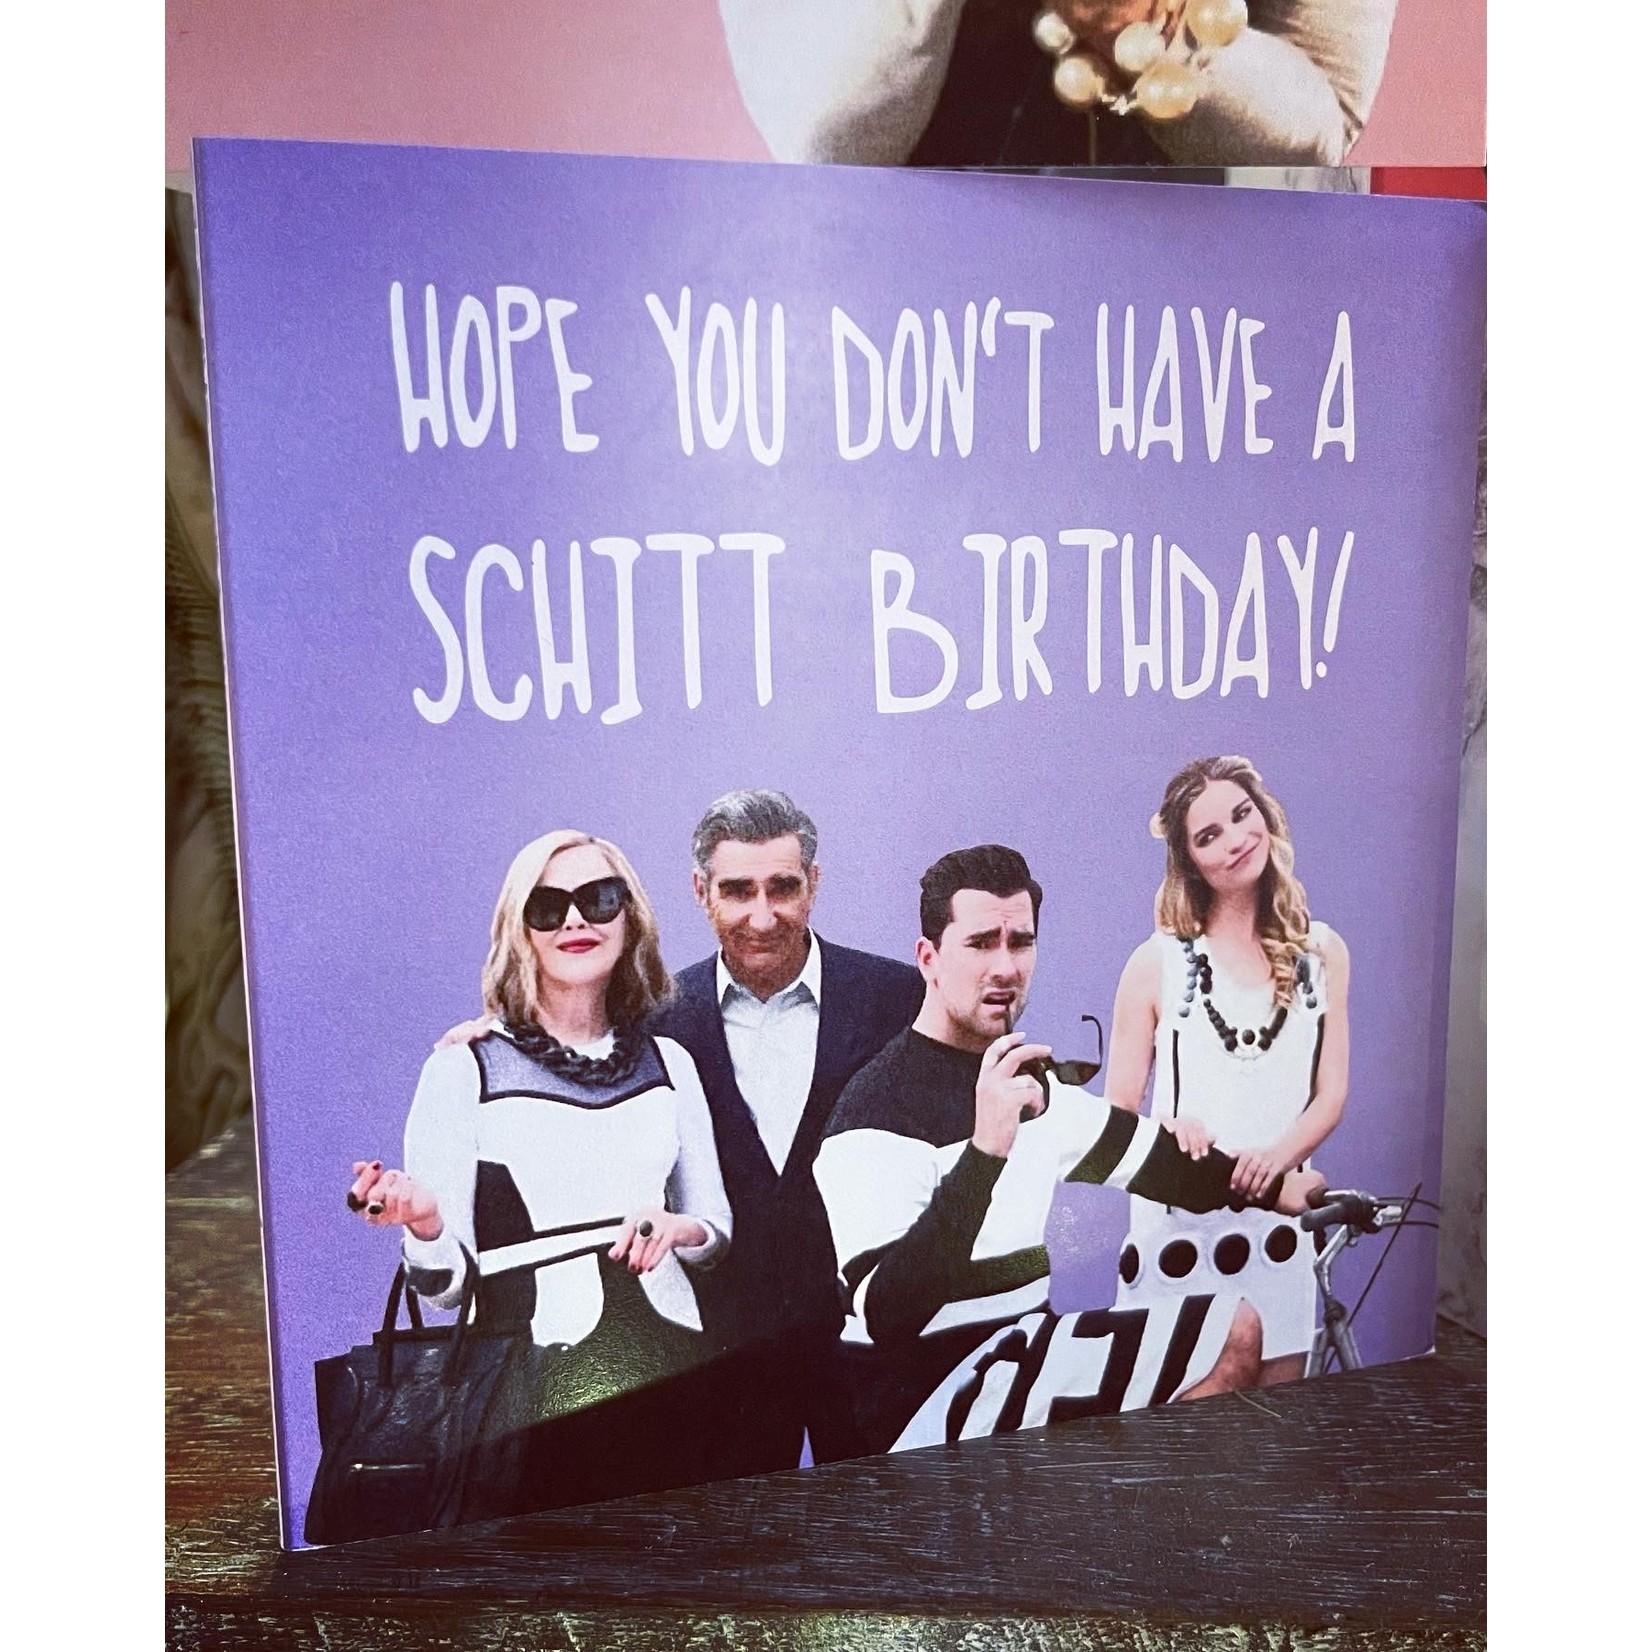 Homebird Hope you don't have a Schitt Birthday - from the hit series Schitt's Creek